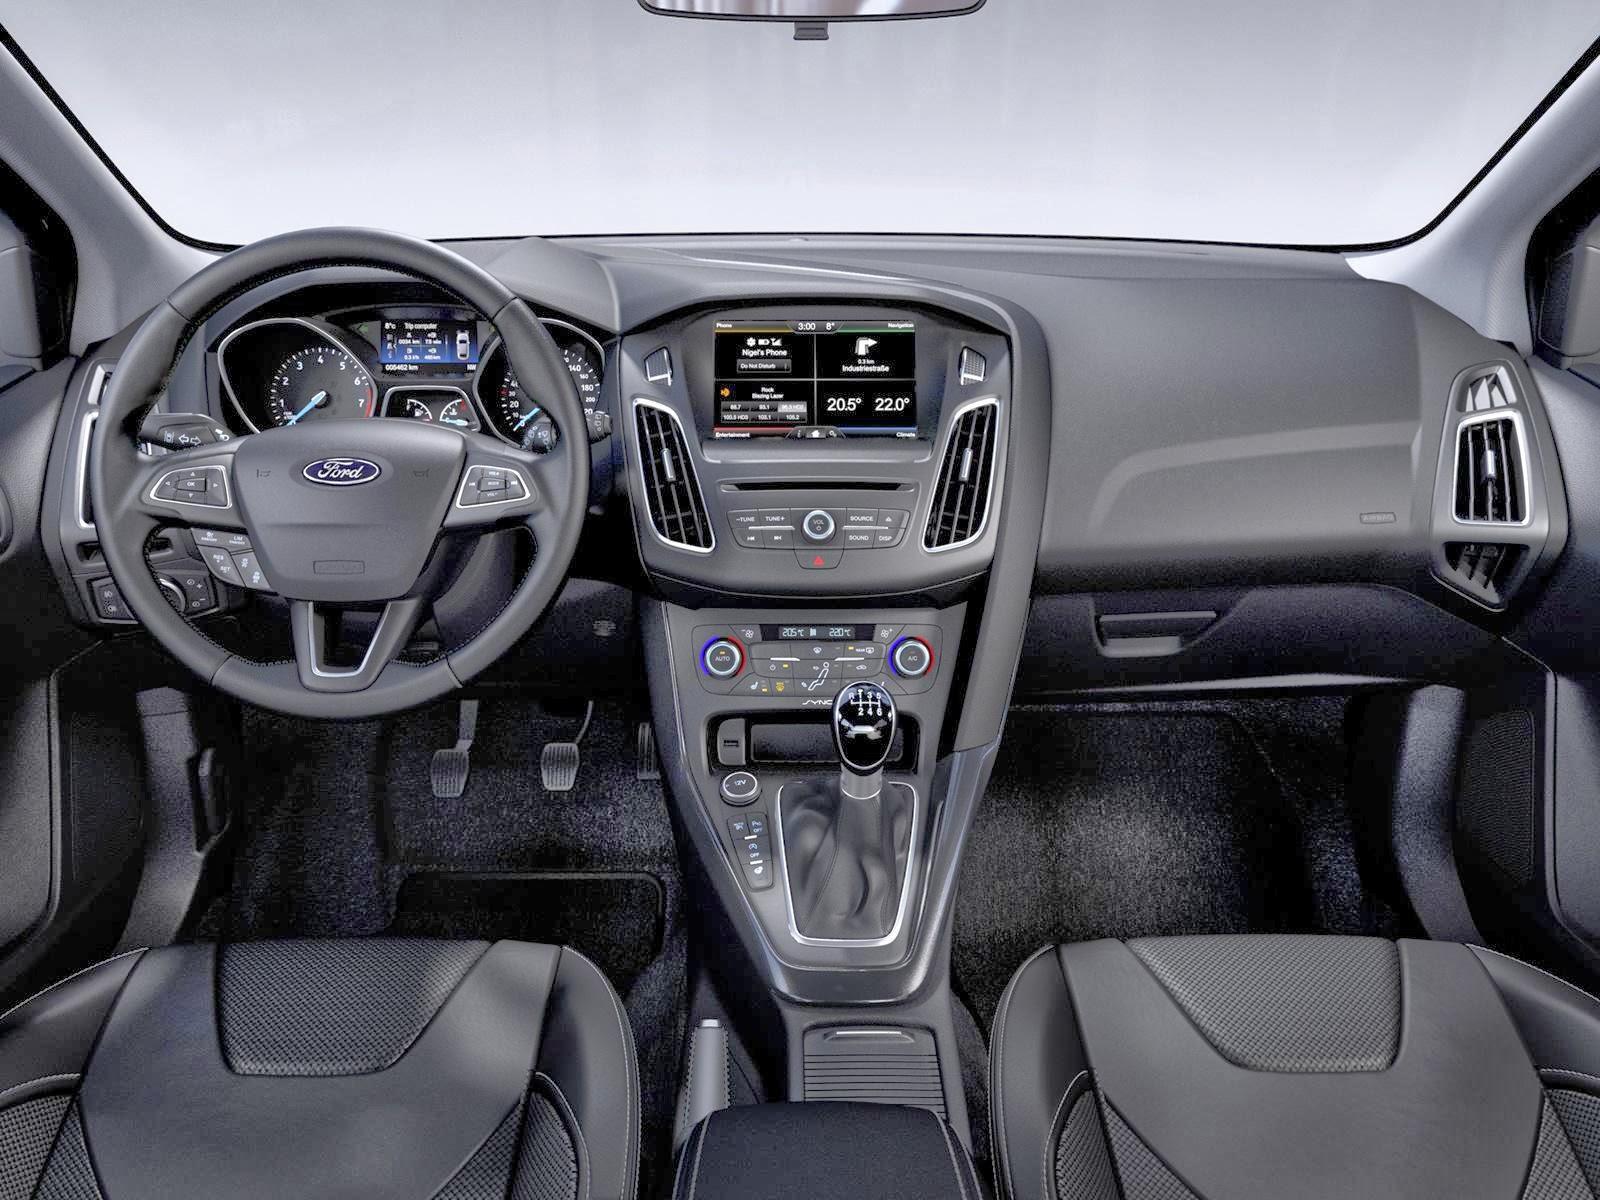 [Resim: Ford+Focus+2.jpg]